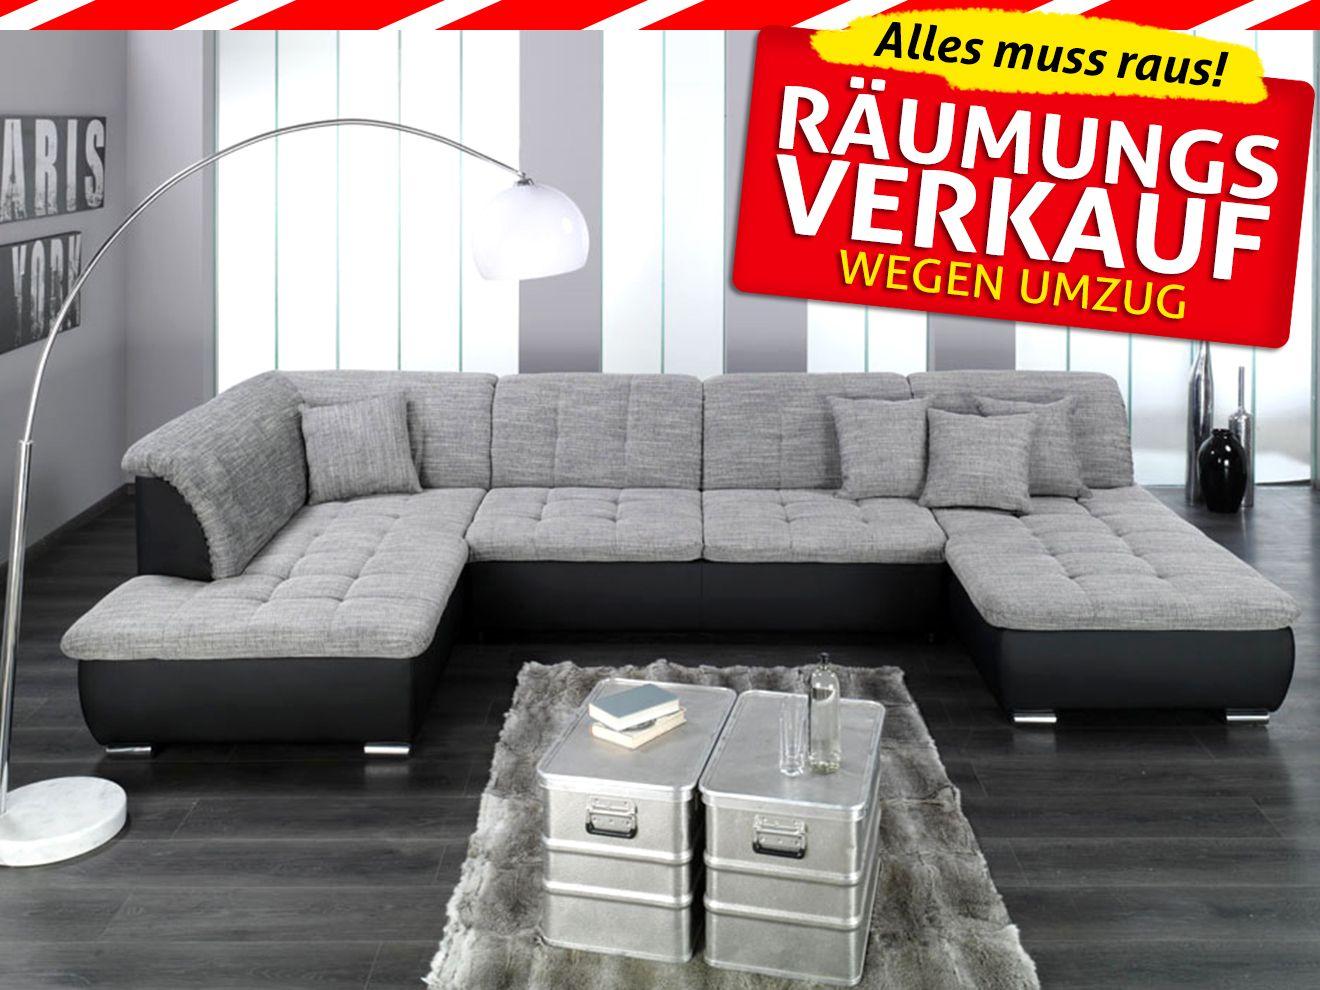 Raumungsverkauf Wegen Umzug Schnappermobel De Der Lagerverkauf In Herford W Moderne Couch Big Sofa Mit Schlaffunktion Ecksofas